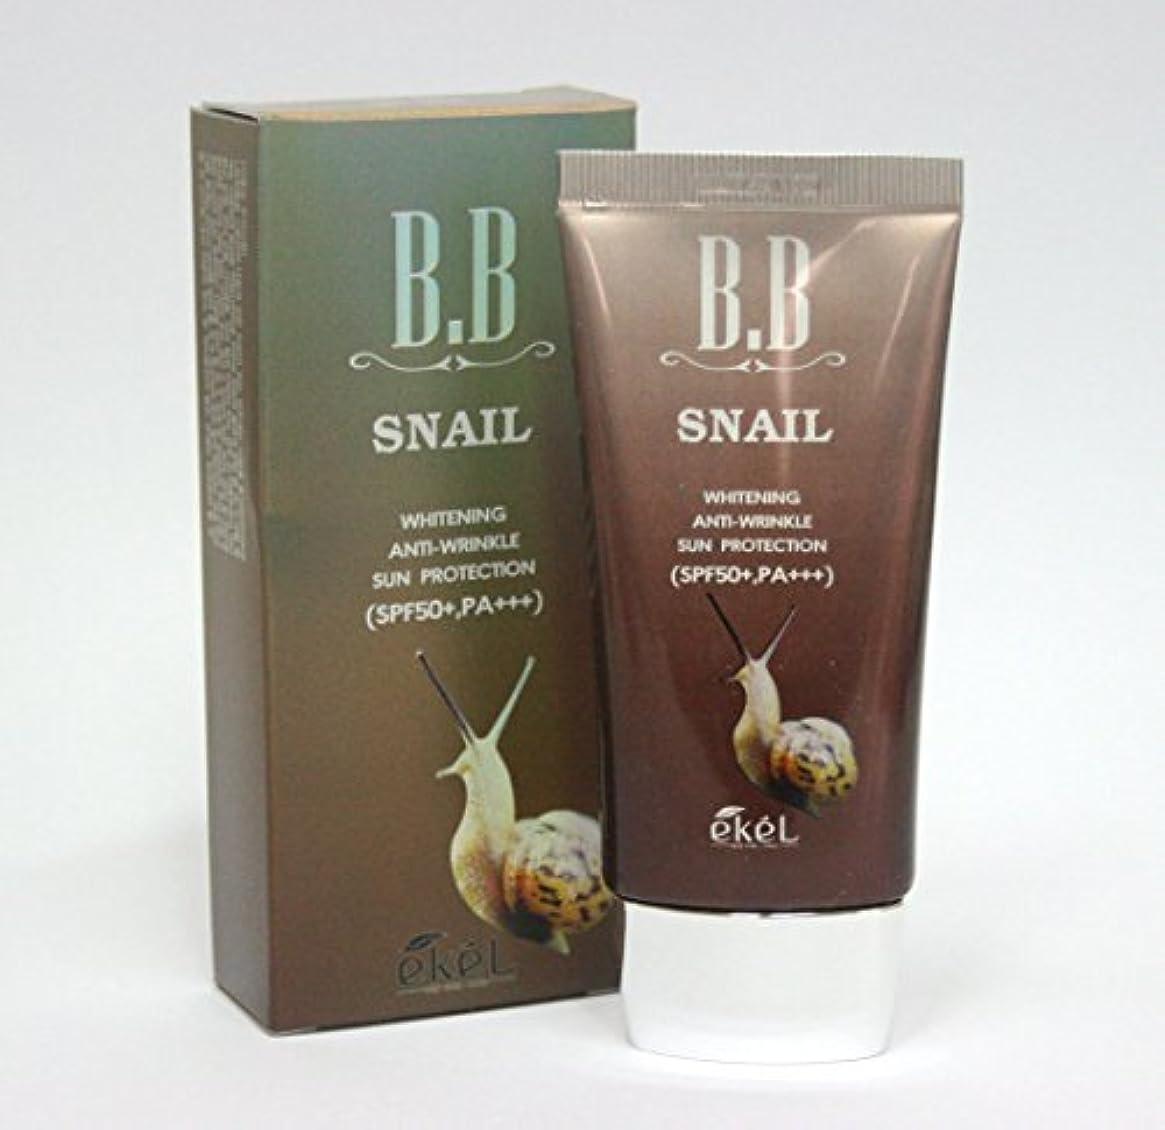 一般的なくしゃみ湿度[Ekel] カタツムリBBクリーム50ml / ホワイトニング , SPF50 + PA +++ / 韓国化粧品 / Snail BB Cream 50ml / Whitening, SPF50+ PA+++ / Korea...